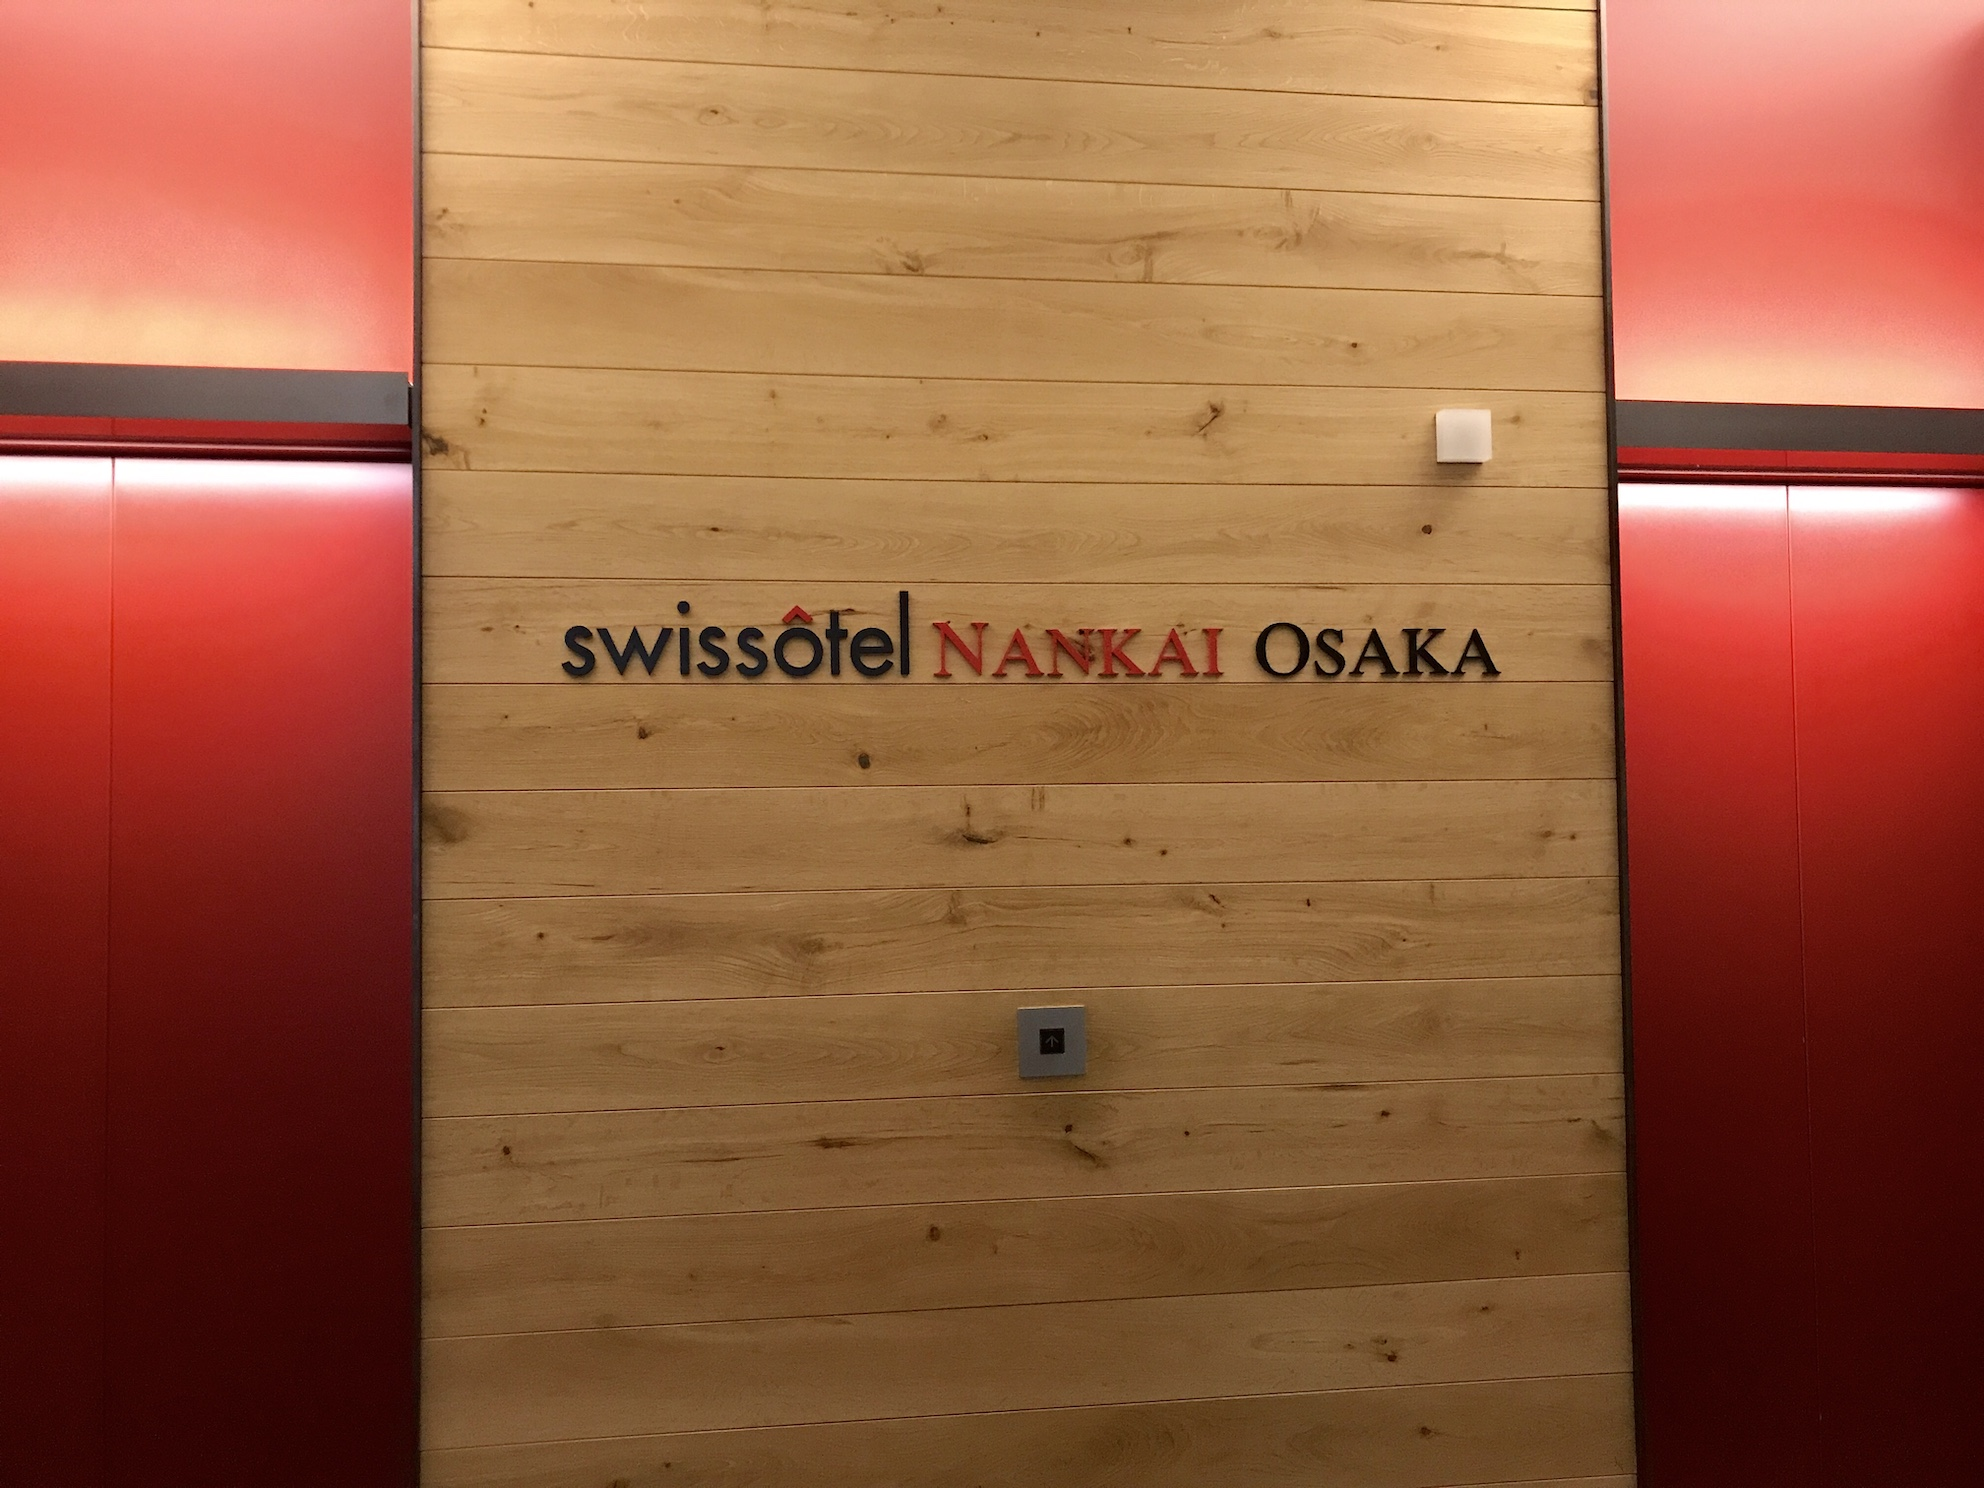 【ハロウィンスイーツブッフェへ出掛けよう!】10/5〜スタート!スイスホテル南海大阪 Swiss Chocoholic Halloween Buffet レセプションに行ってきました。【大阪 難波 なんば】_2